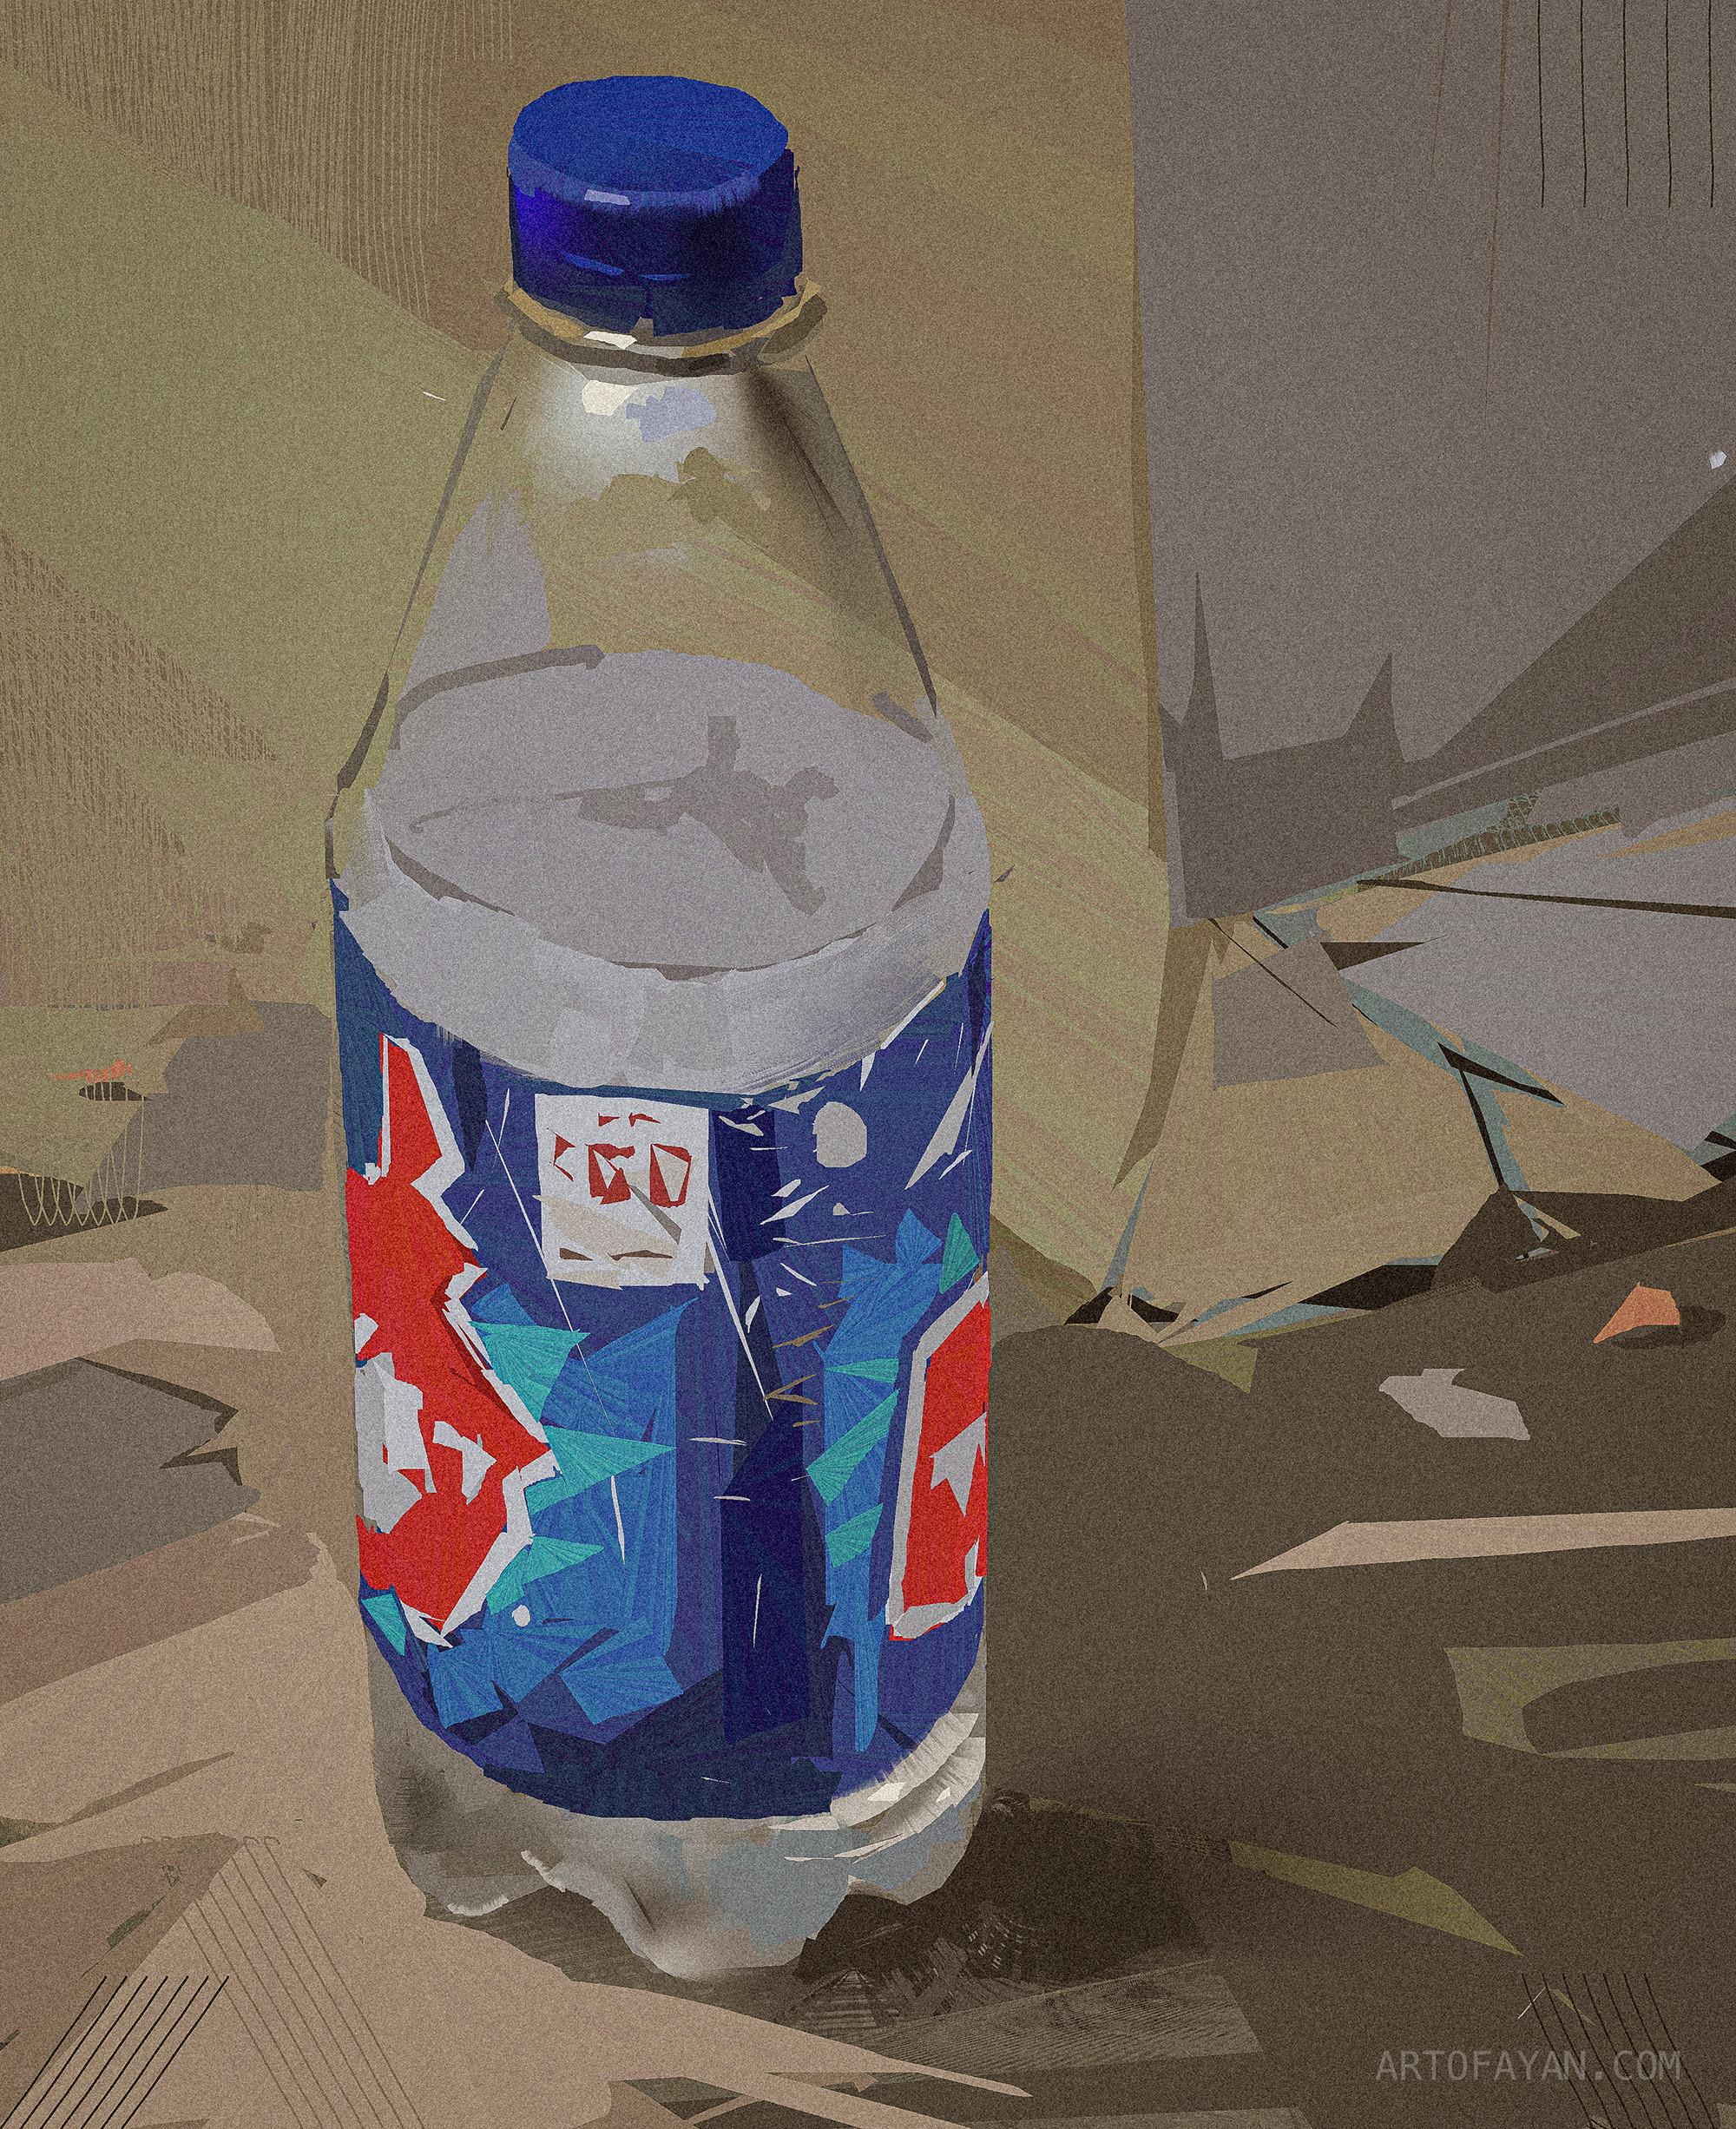 Le bottle